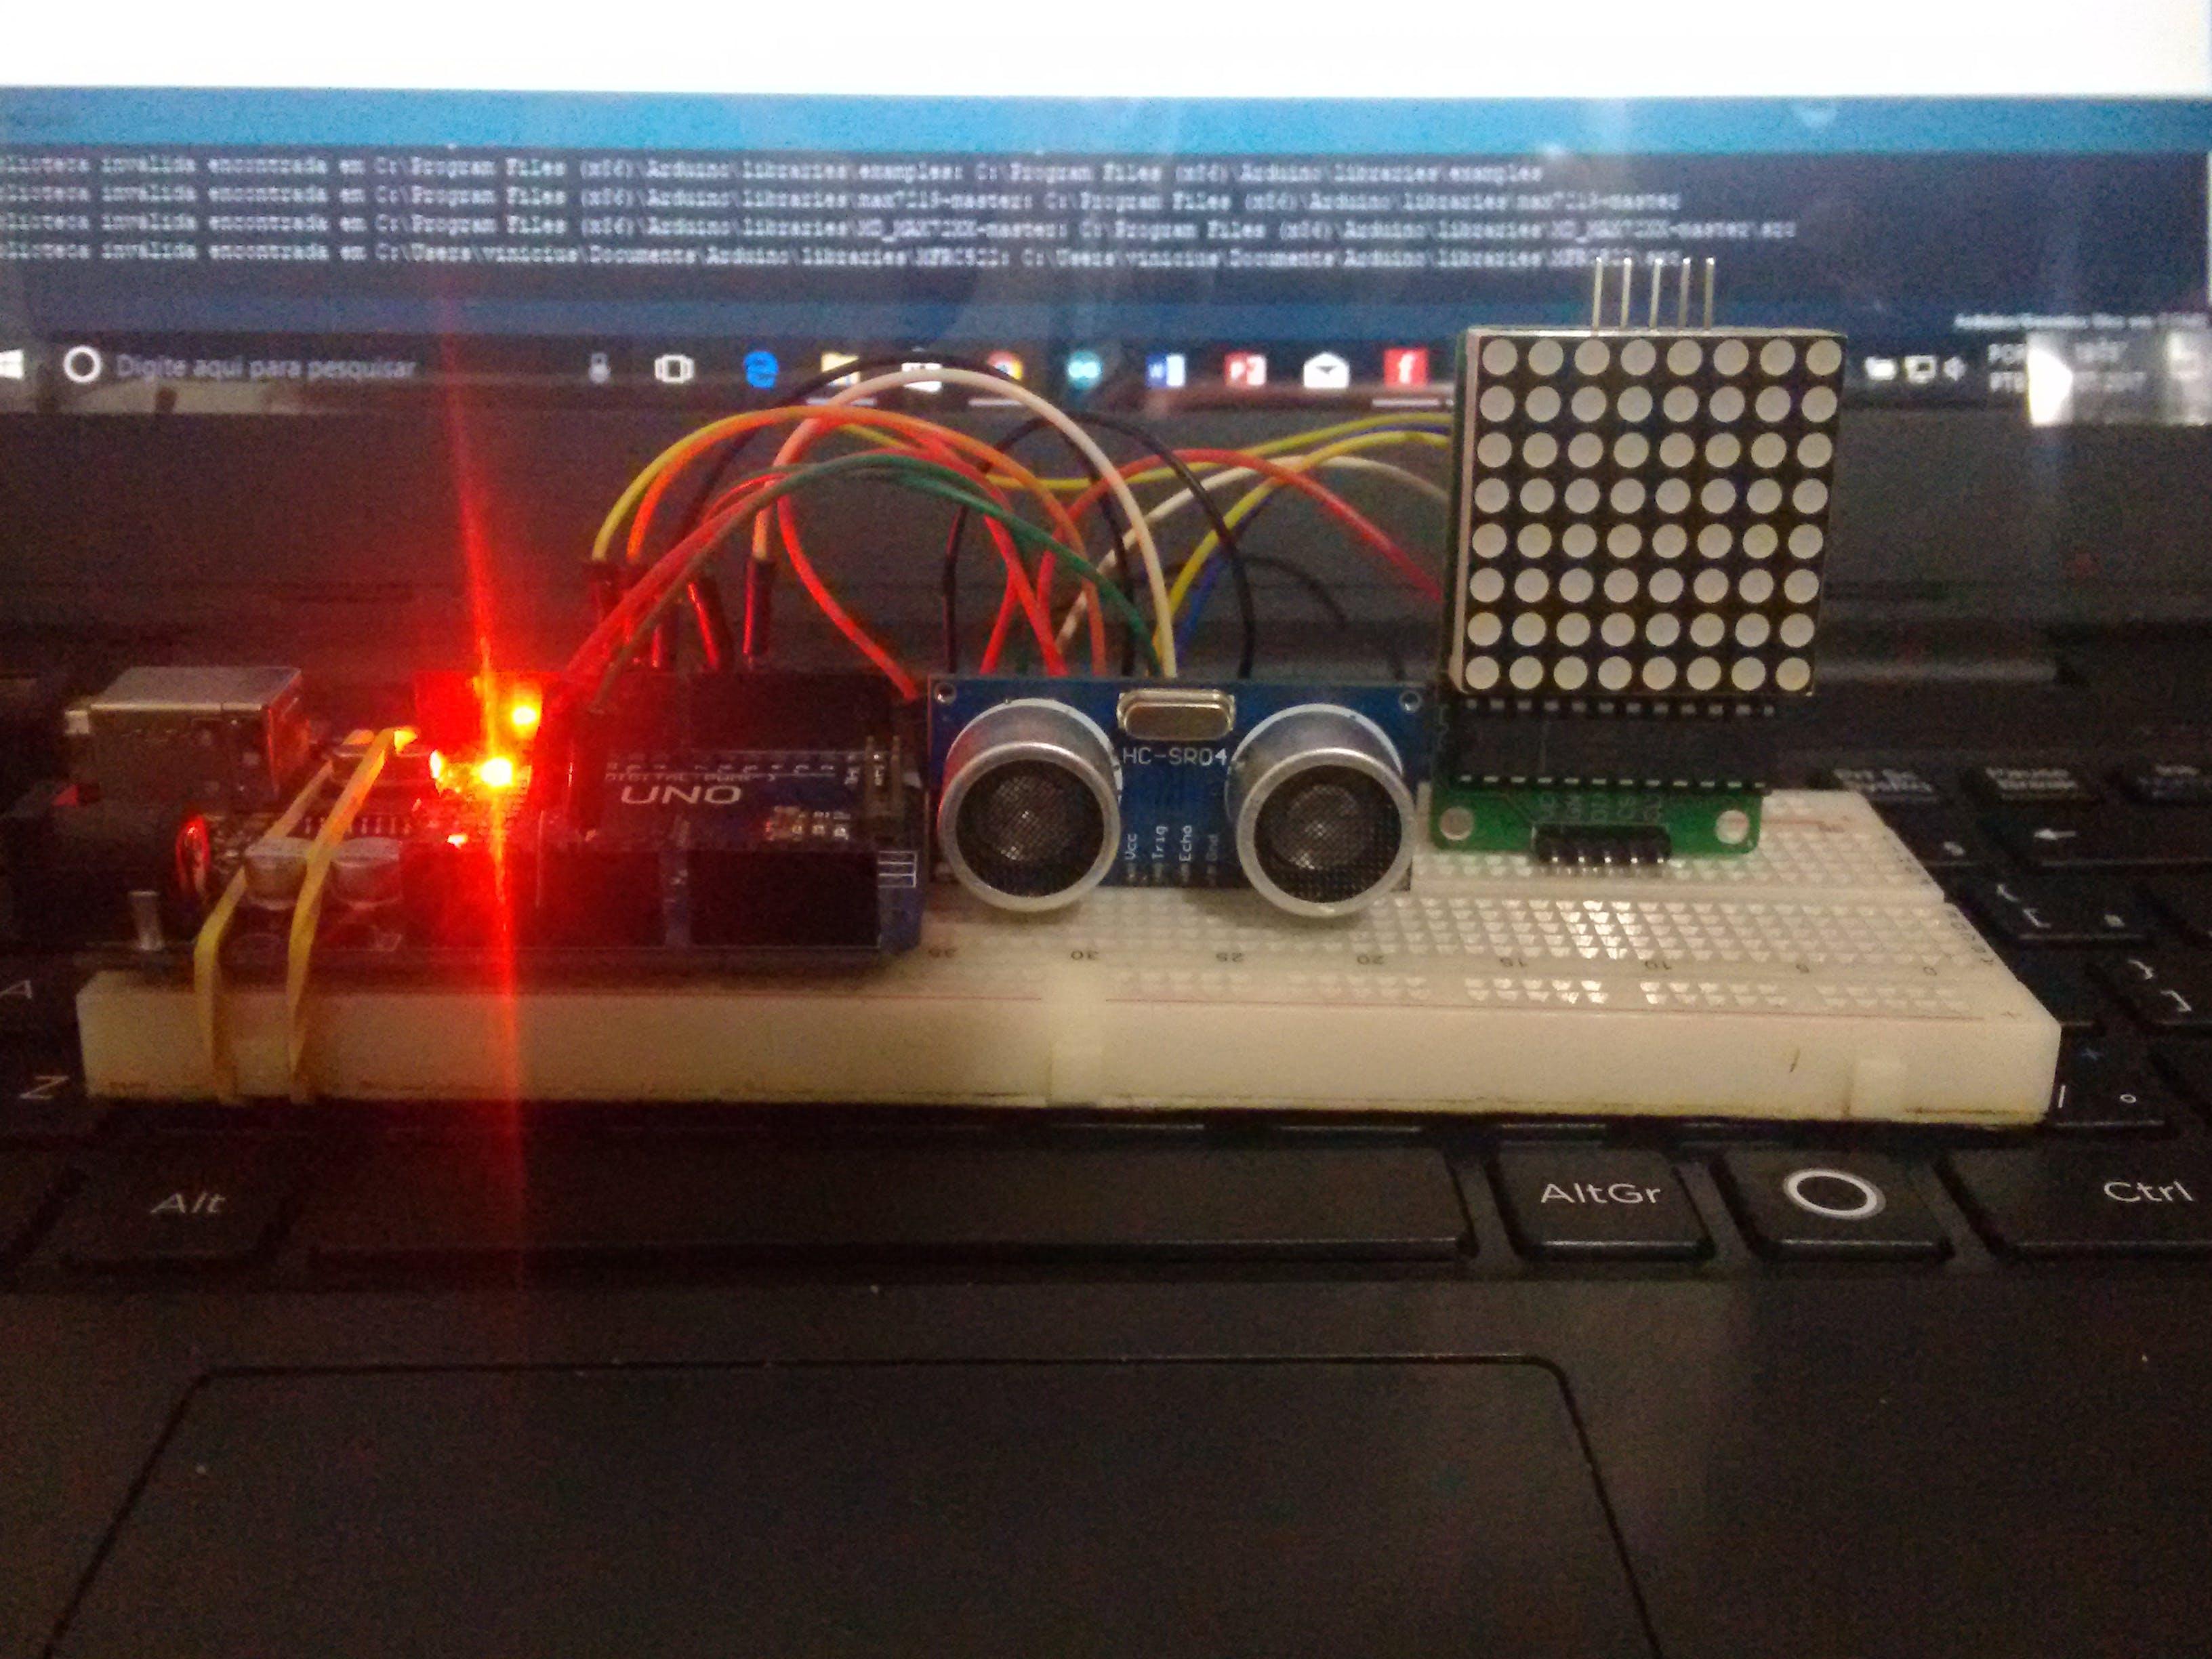 Arduino HC-04 and 8x8 Matrix MAX7219